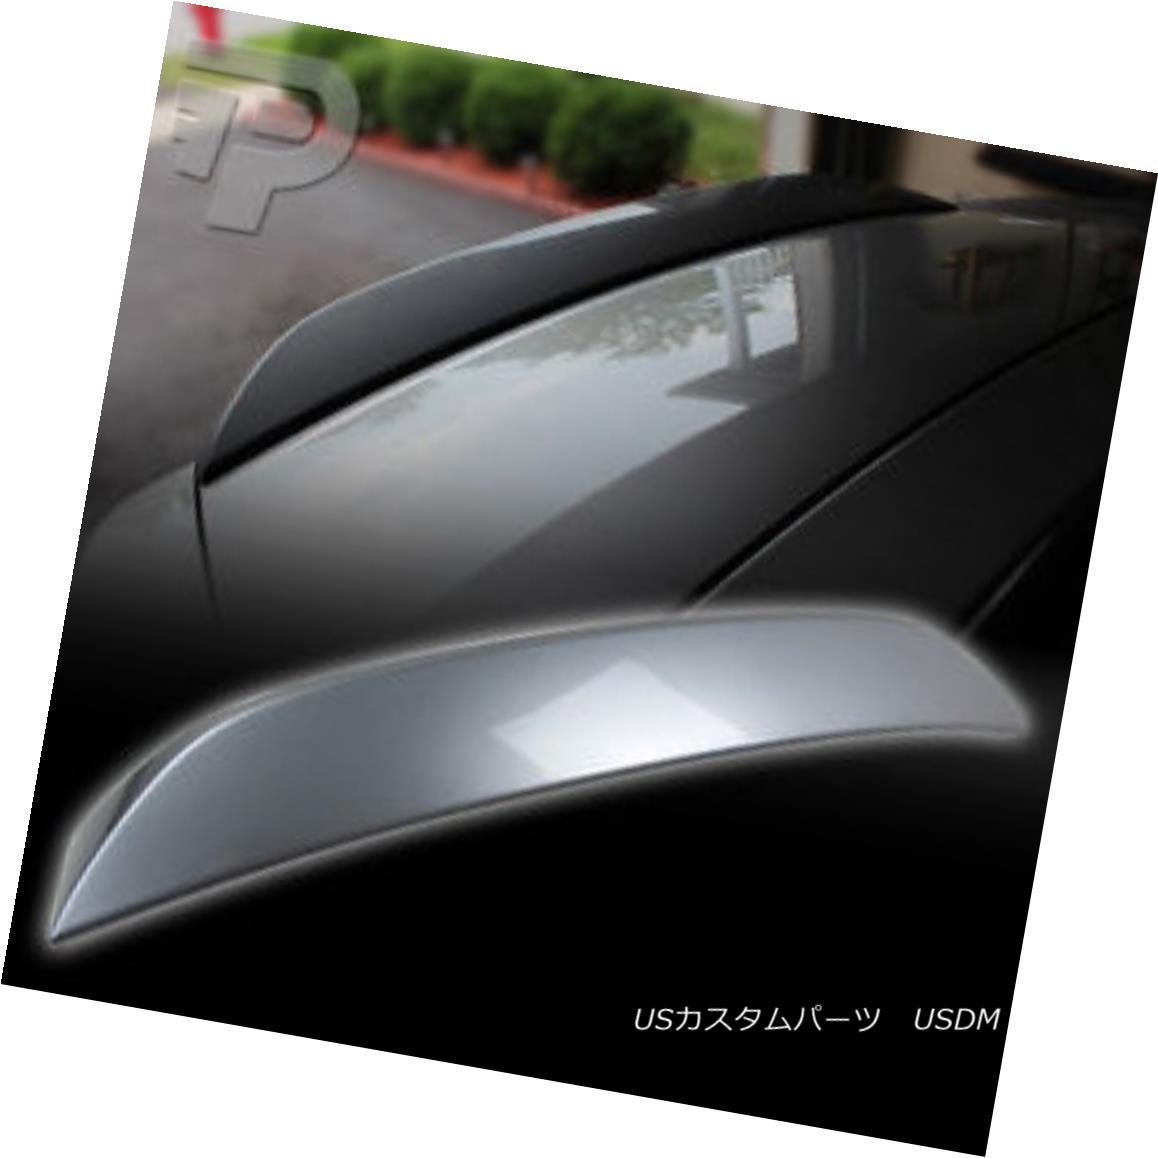 エアロパーツ PAINTED HONDA S2000 TYPE BOOT TRUNK SPOILER REAR NEW 00-09 NH630M ▼ 塗装ホンダS2000 TYPE BOOT TRUNKスポイラーリアNEW 00-09 NH630M?